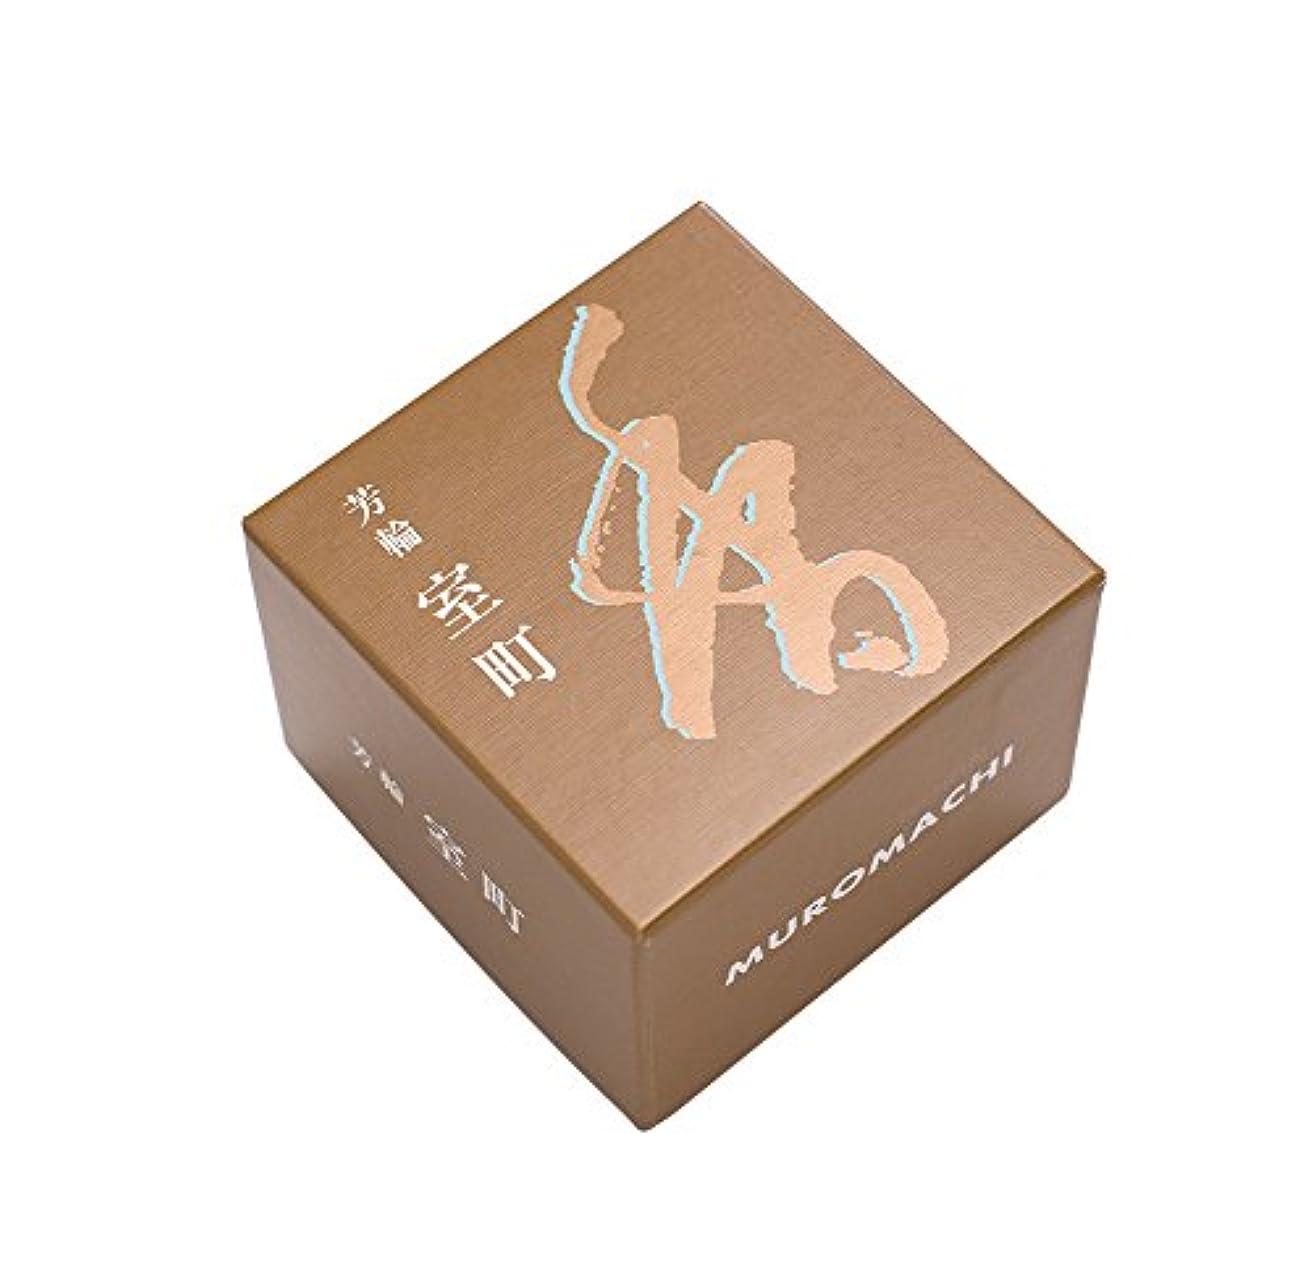 乱気流性交洗練松栄堂のお香 芳輪室町 渦巻型10枚入 うてな角型付 #210421